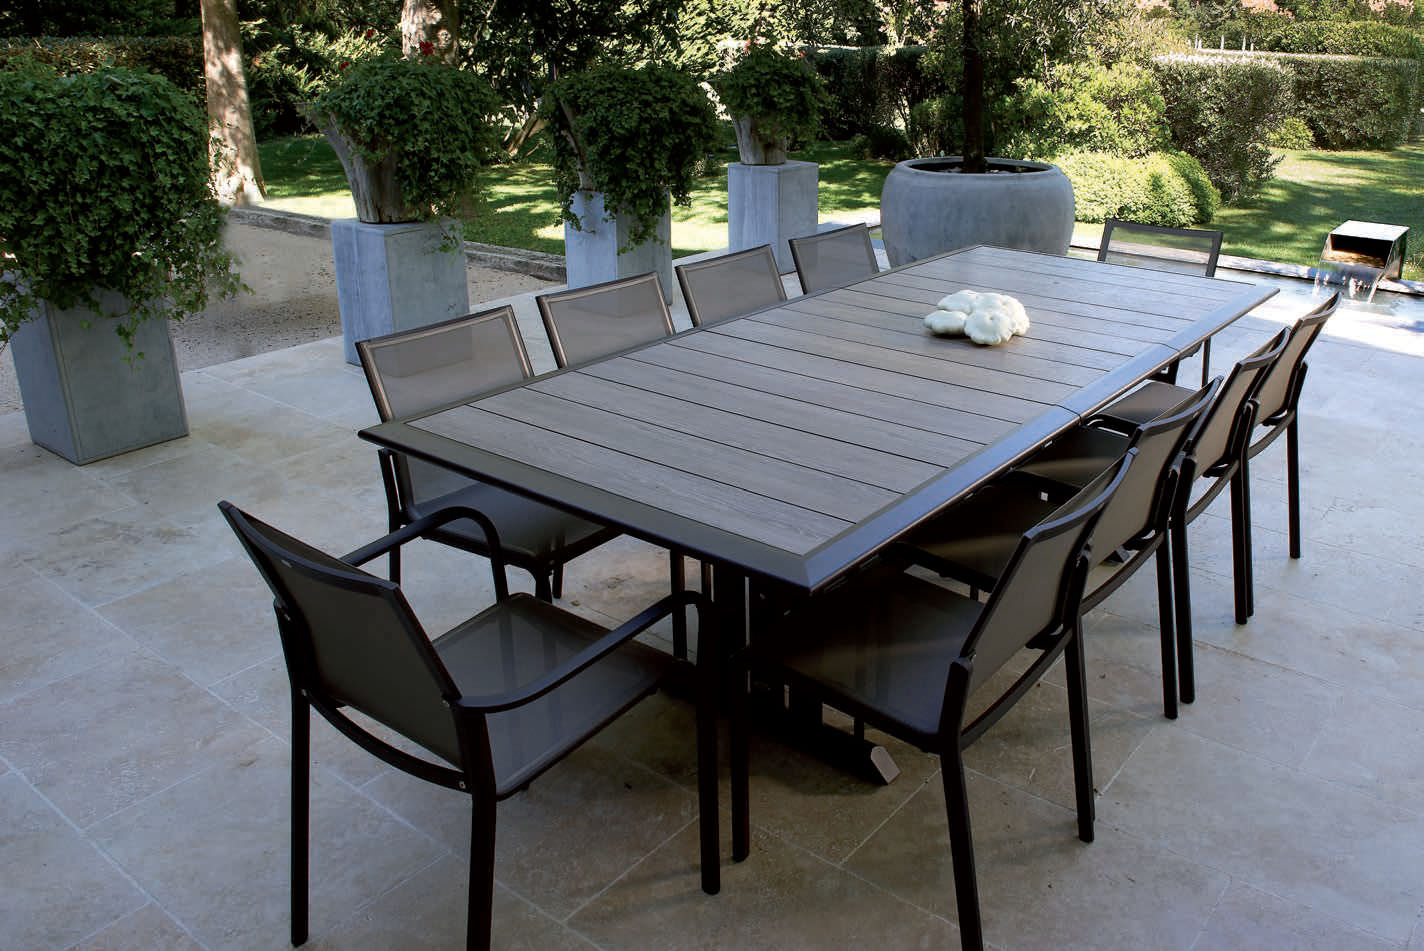 Quel matériau choisir pour son mobilier de jardin ?